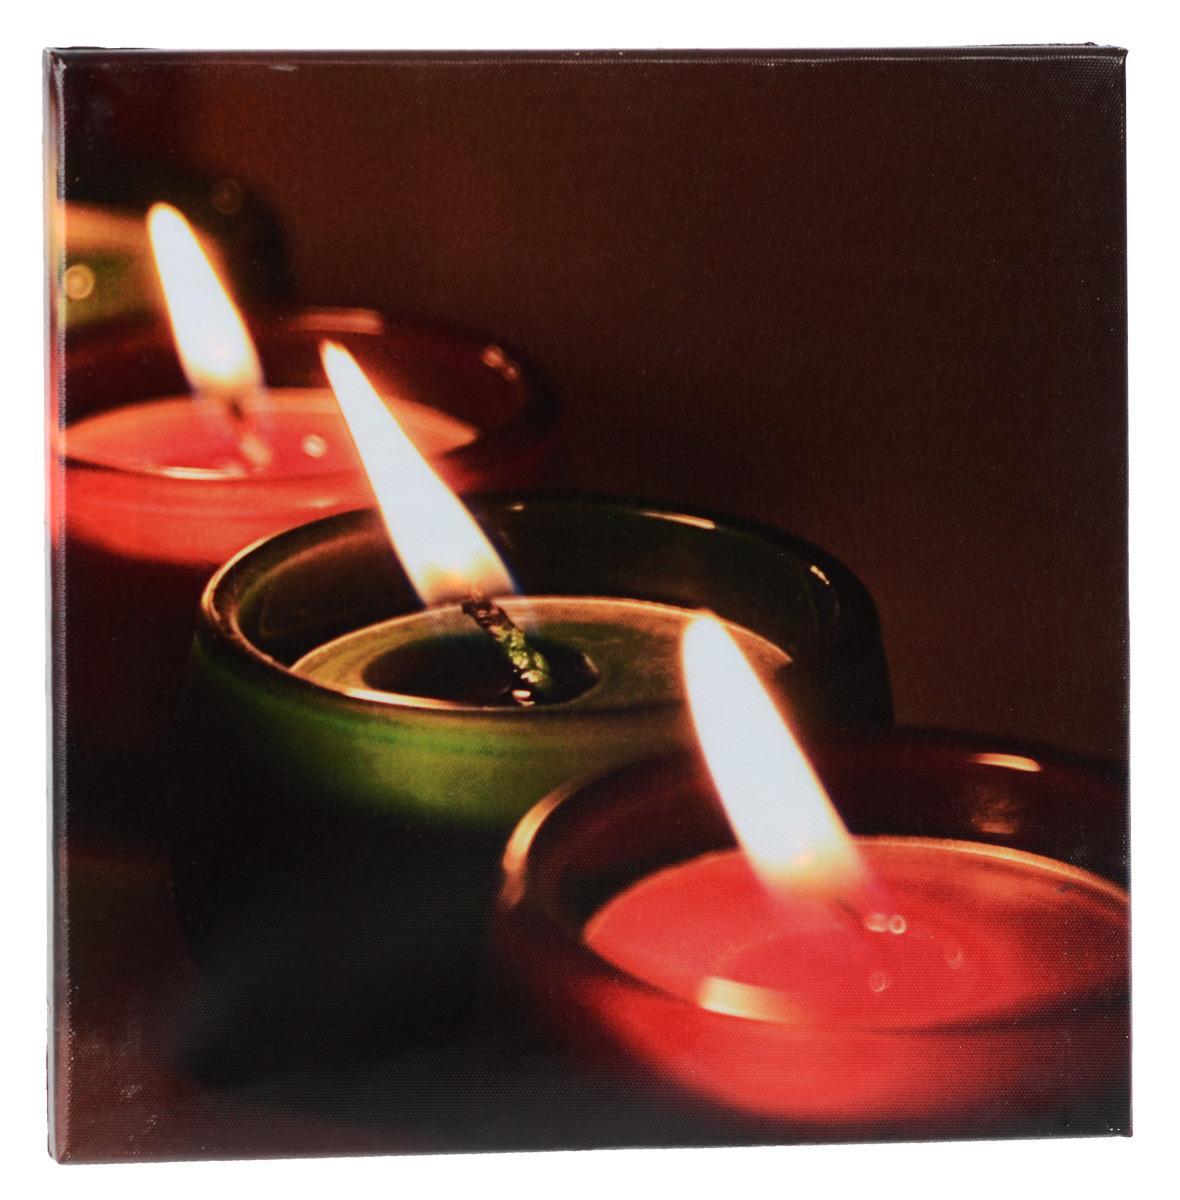 Картина MTH Три свечи, со светодиодами, 30 см х 30 см декоративные восковые свечи купить